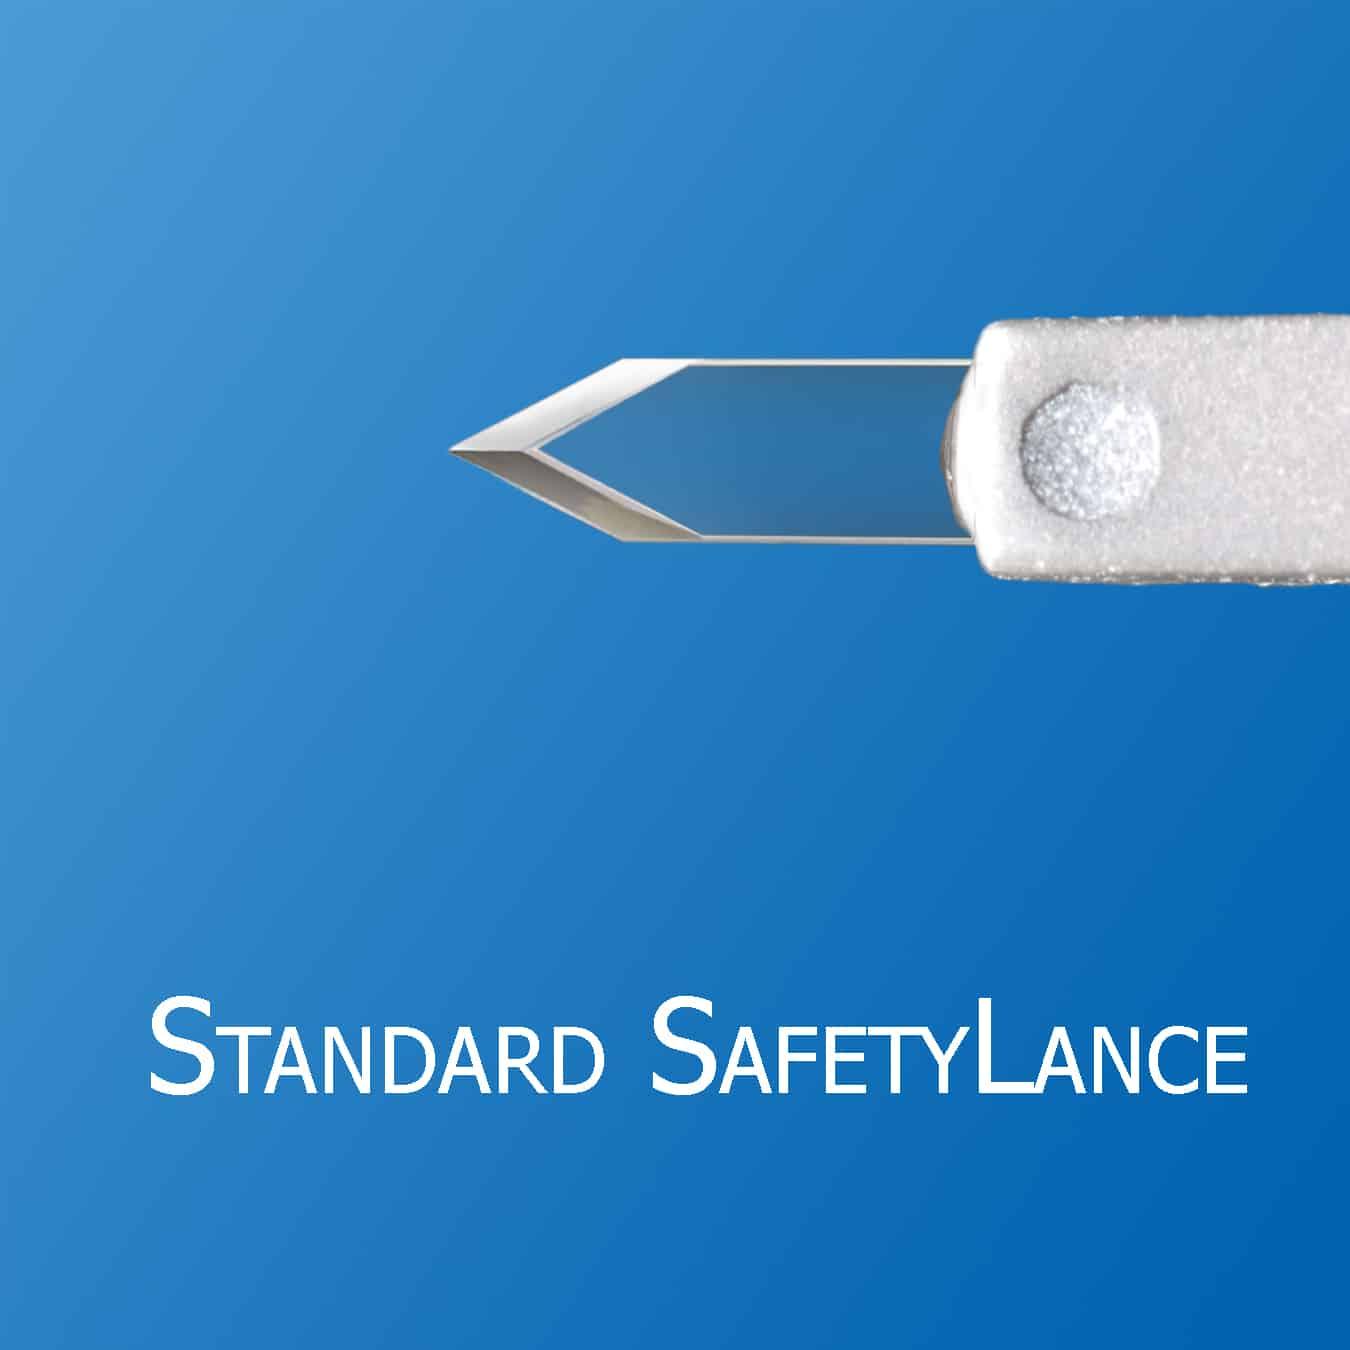 Standard SafetyLance